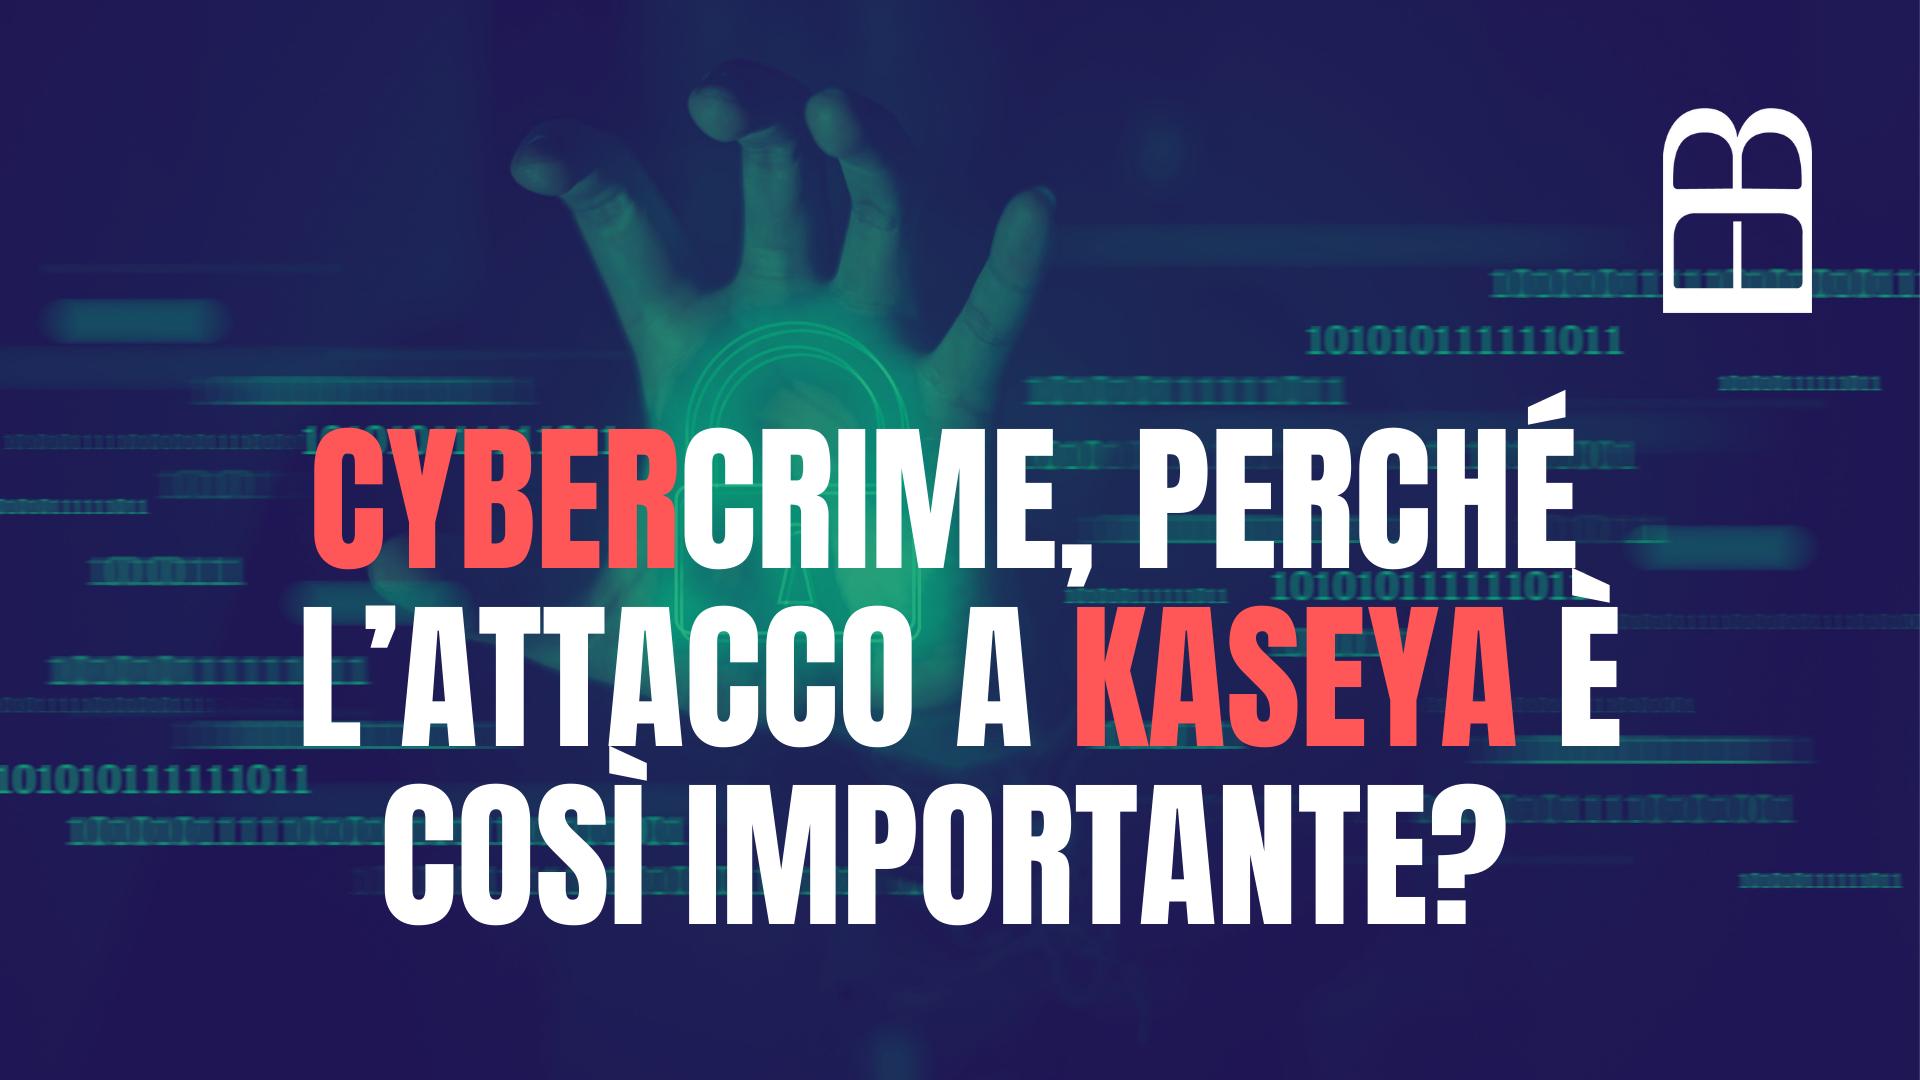 Cybercrime kaseya